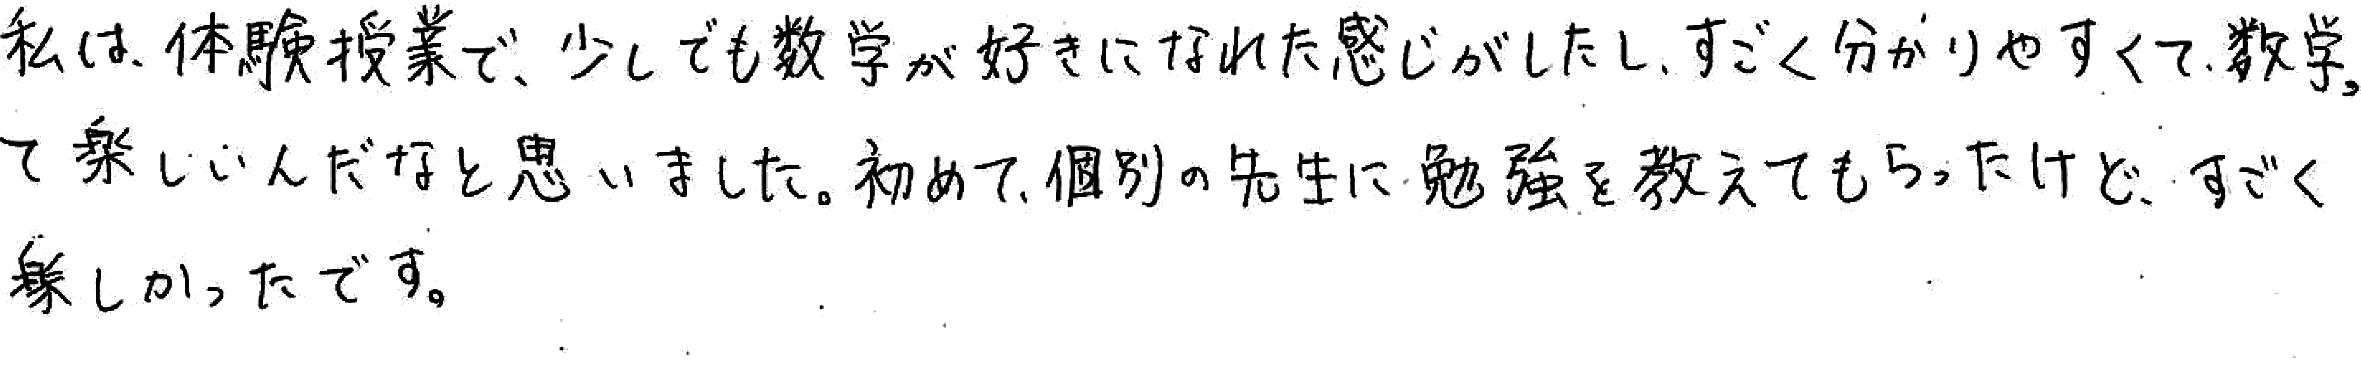 未唯ちゃん(砺波市)からの口コミ